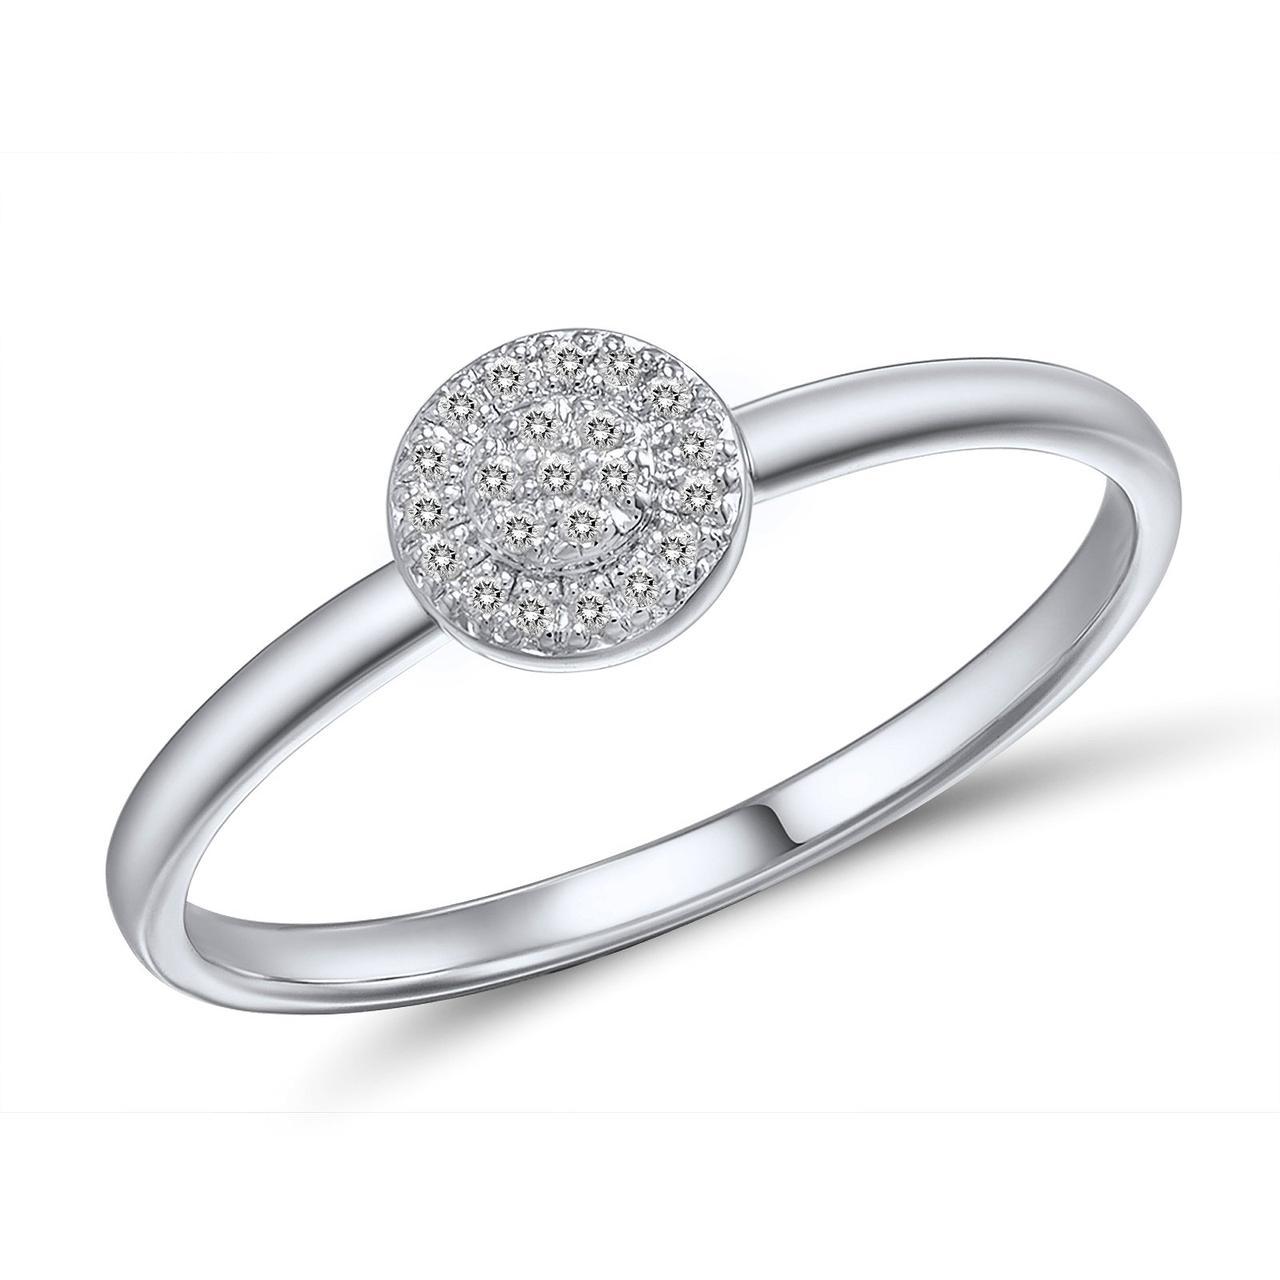 Золотое кольцо с бриллиантами, размер 15.5 (562085)